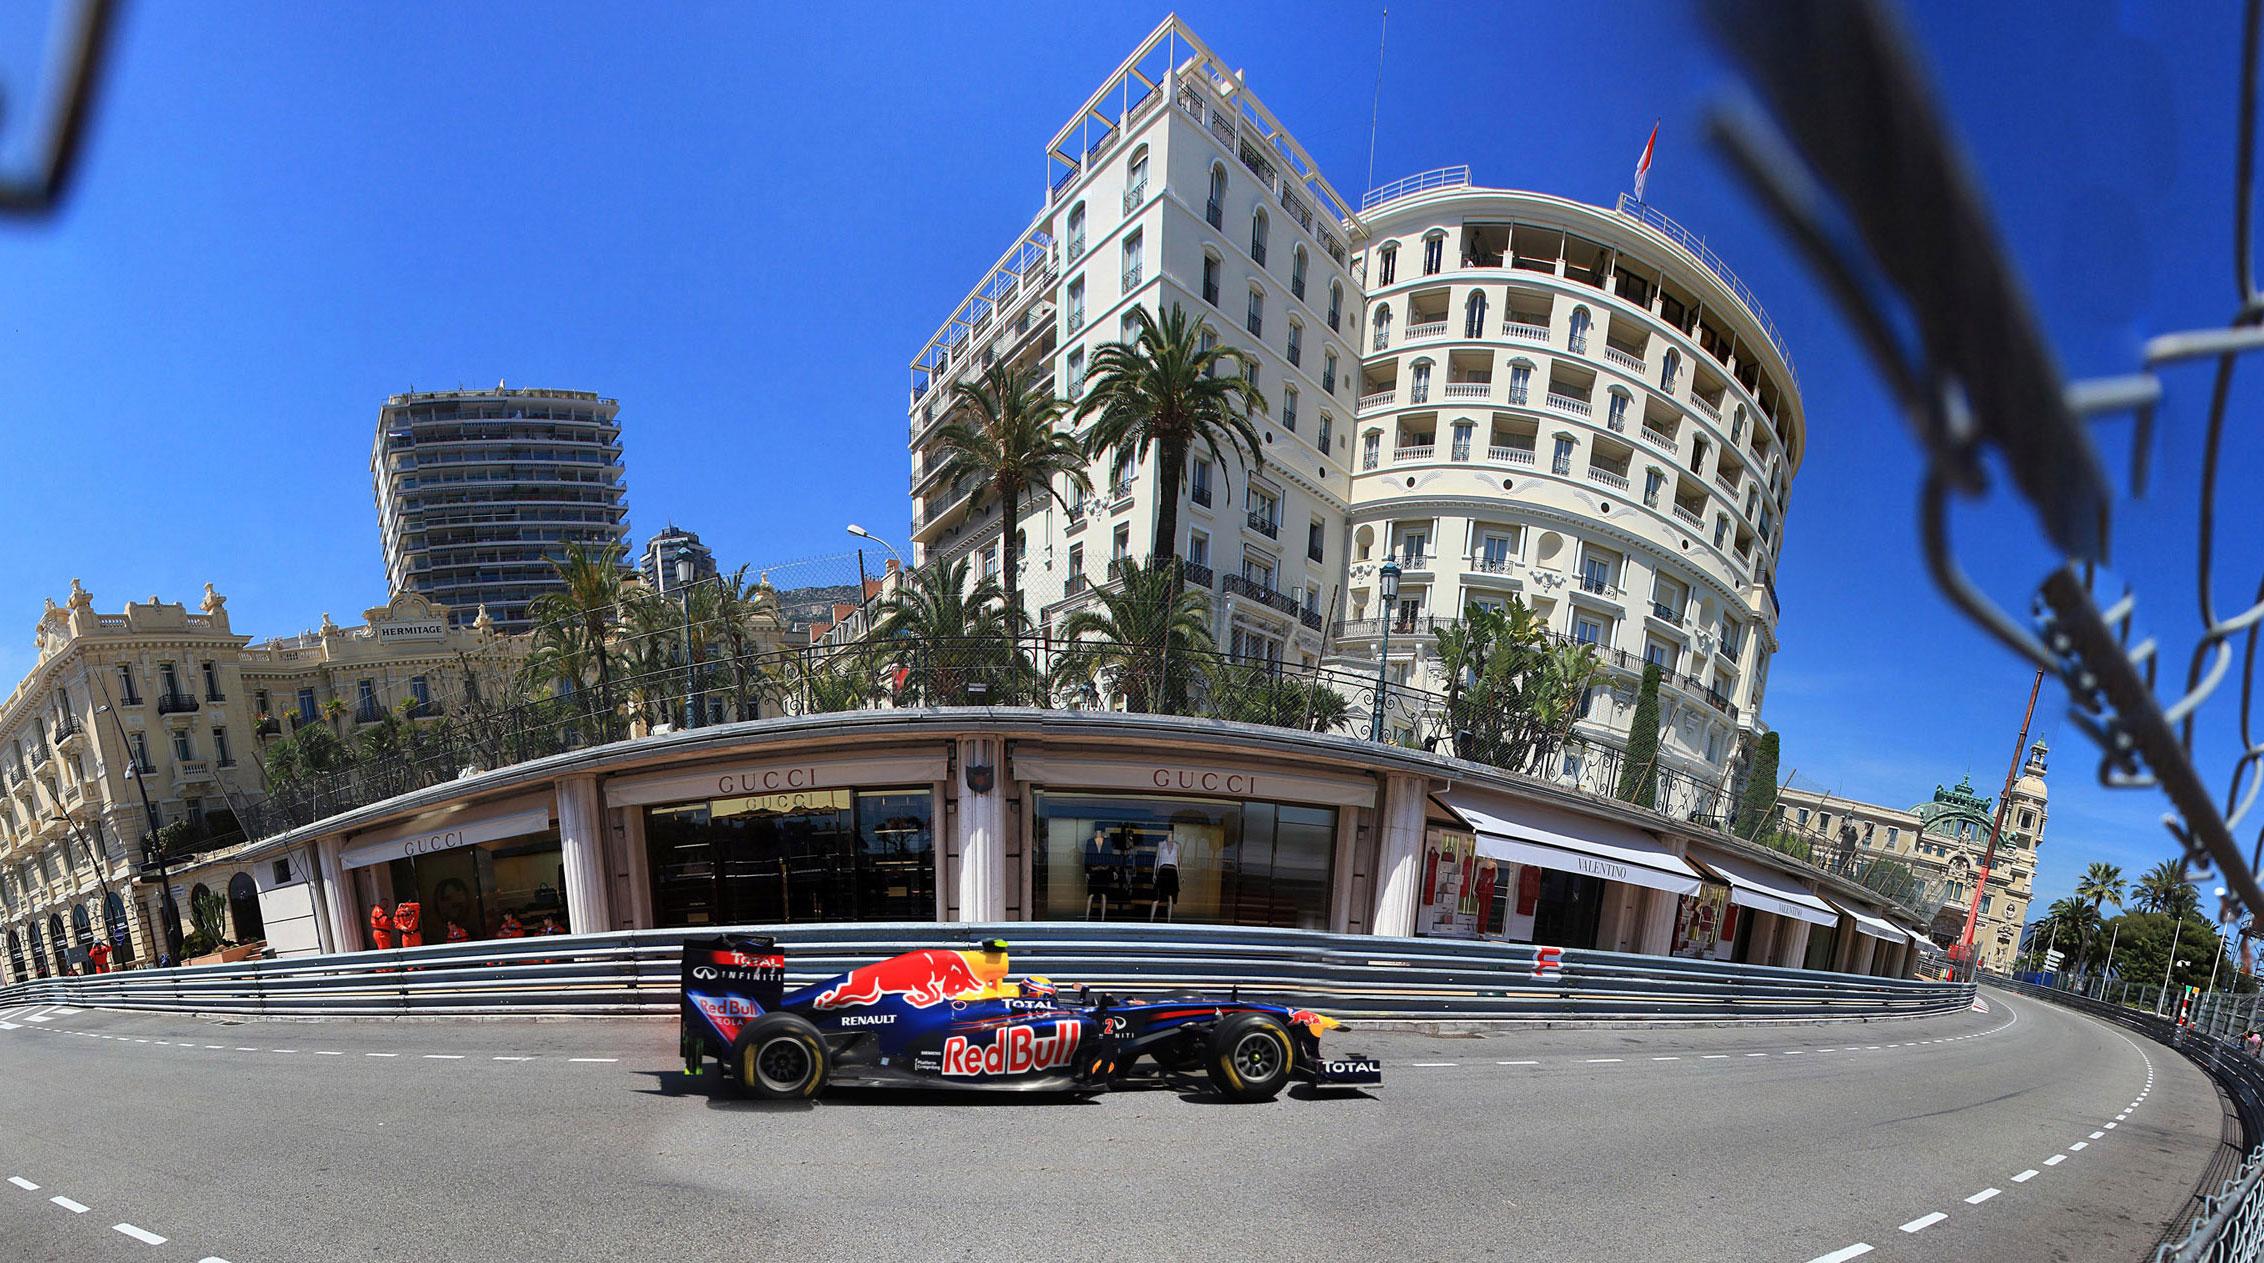 A Formula 1 car racing in an empty street in Monaco